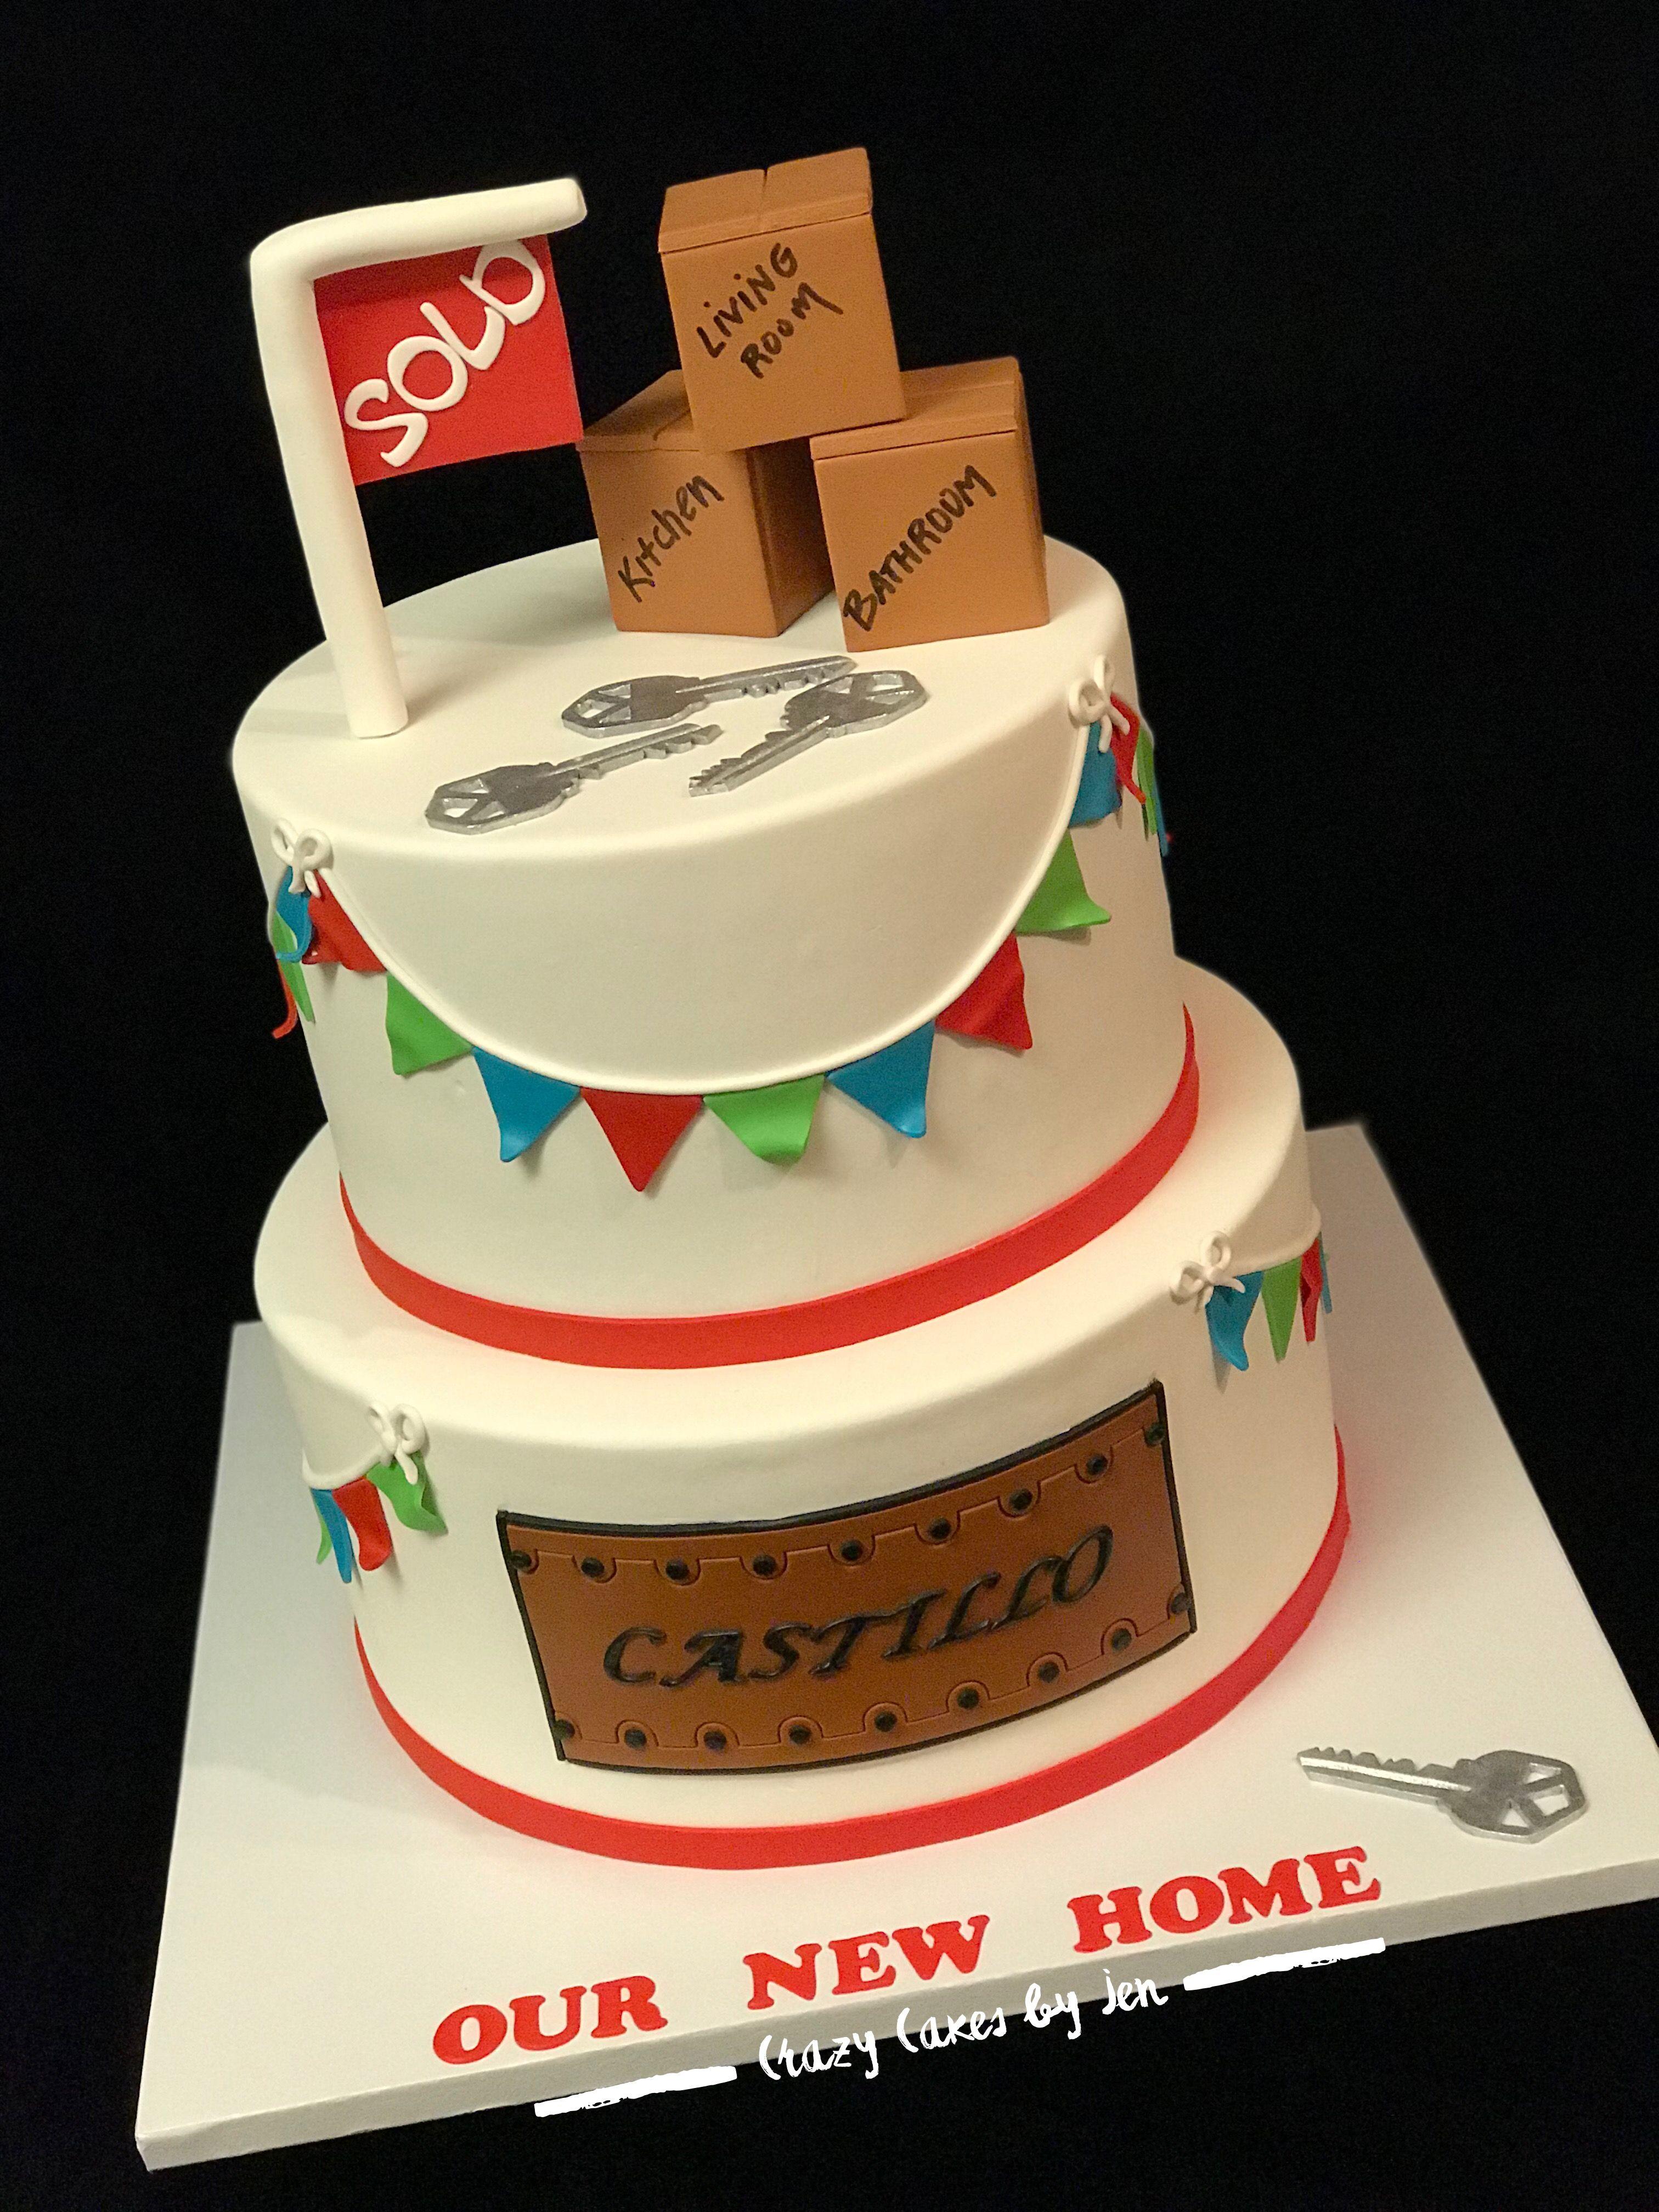 Housewarming cake fondant work crazycakesbyjen all